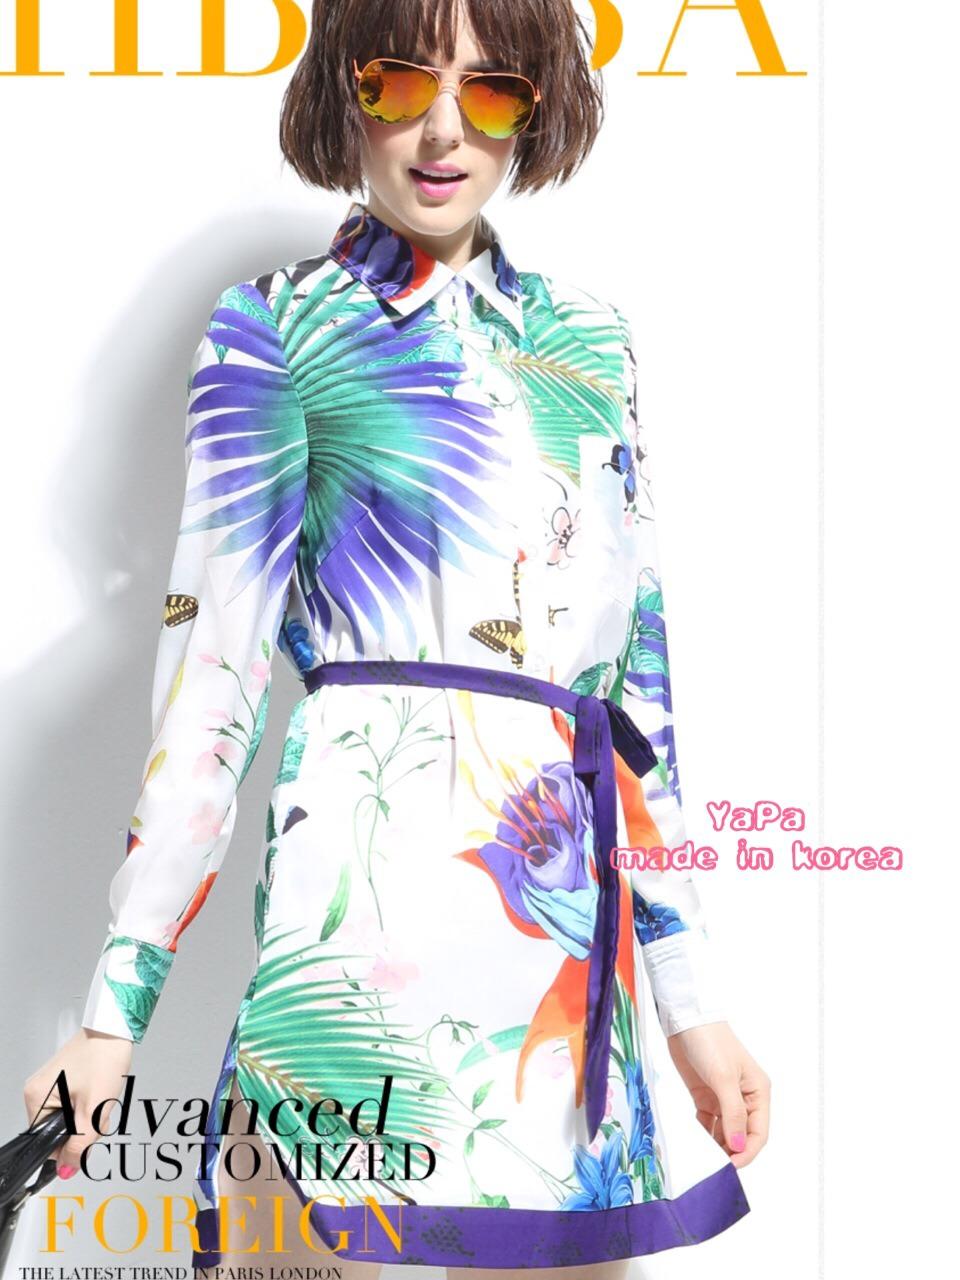 เสื้อผ้าเกาหลี พร้อมส่ง เดรสแบรนดังจาก Miu Miu ปริ้นลายมวลหมู่ ดอกไม้ และ ผีเสื้อ